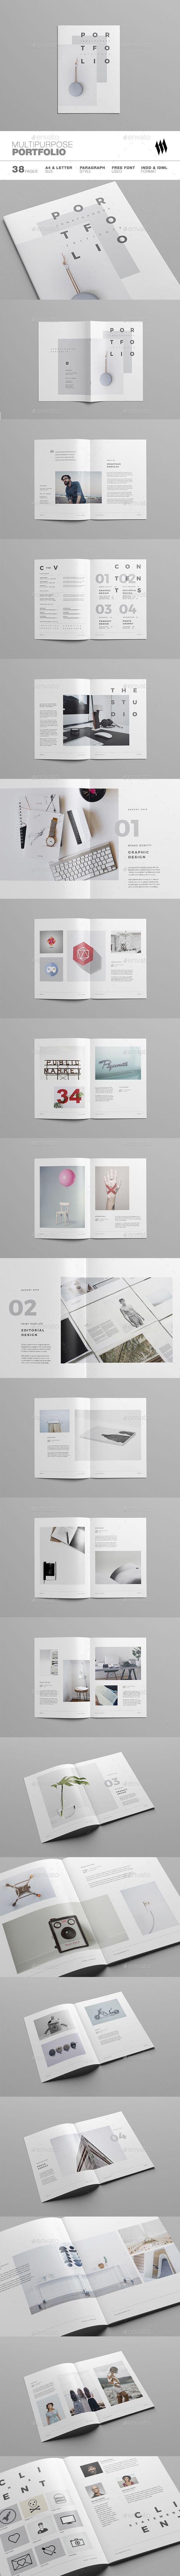 Portfolio | Diseños de revista, Empleos y Portafolio